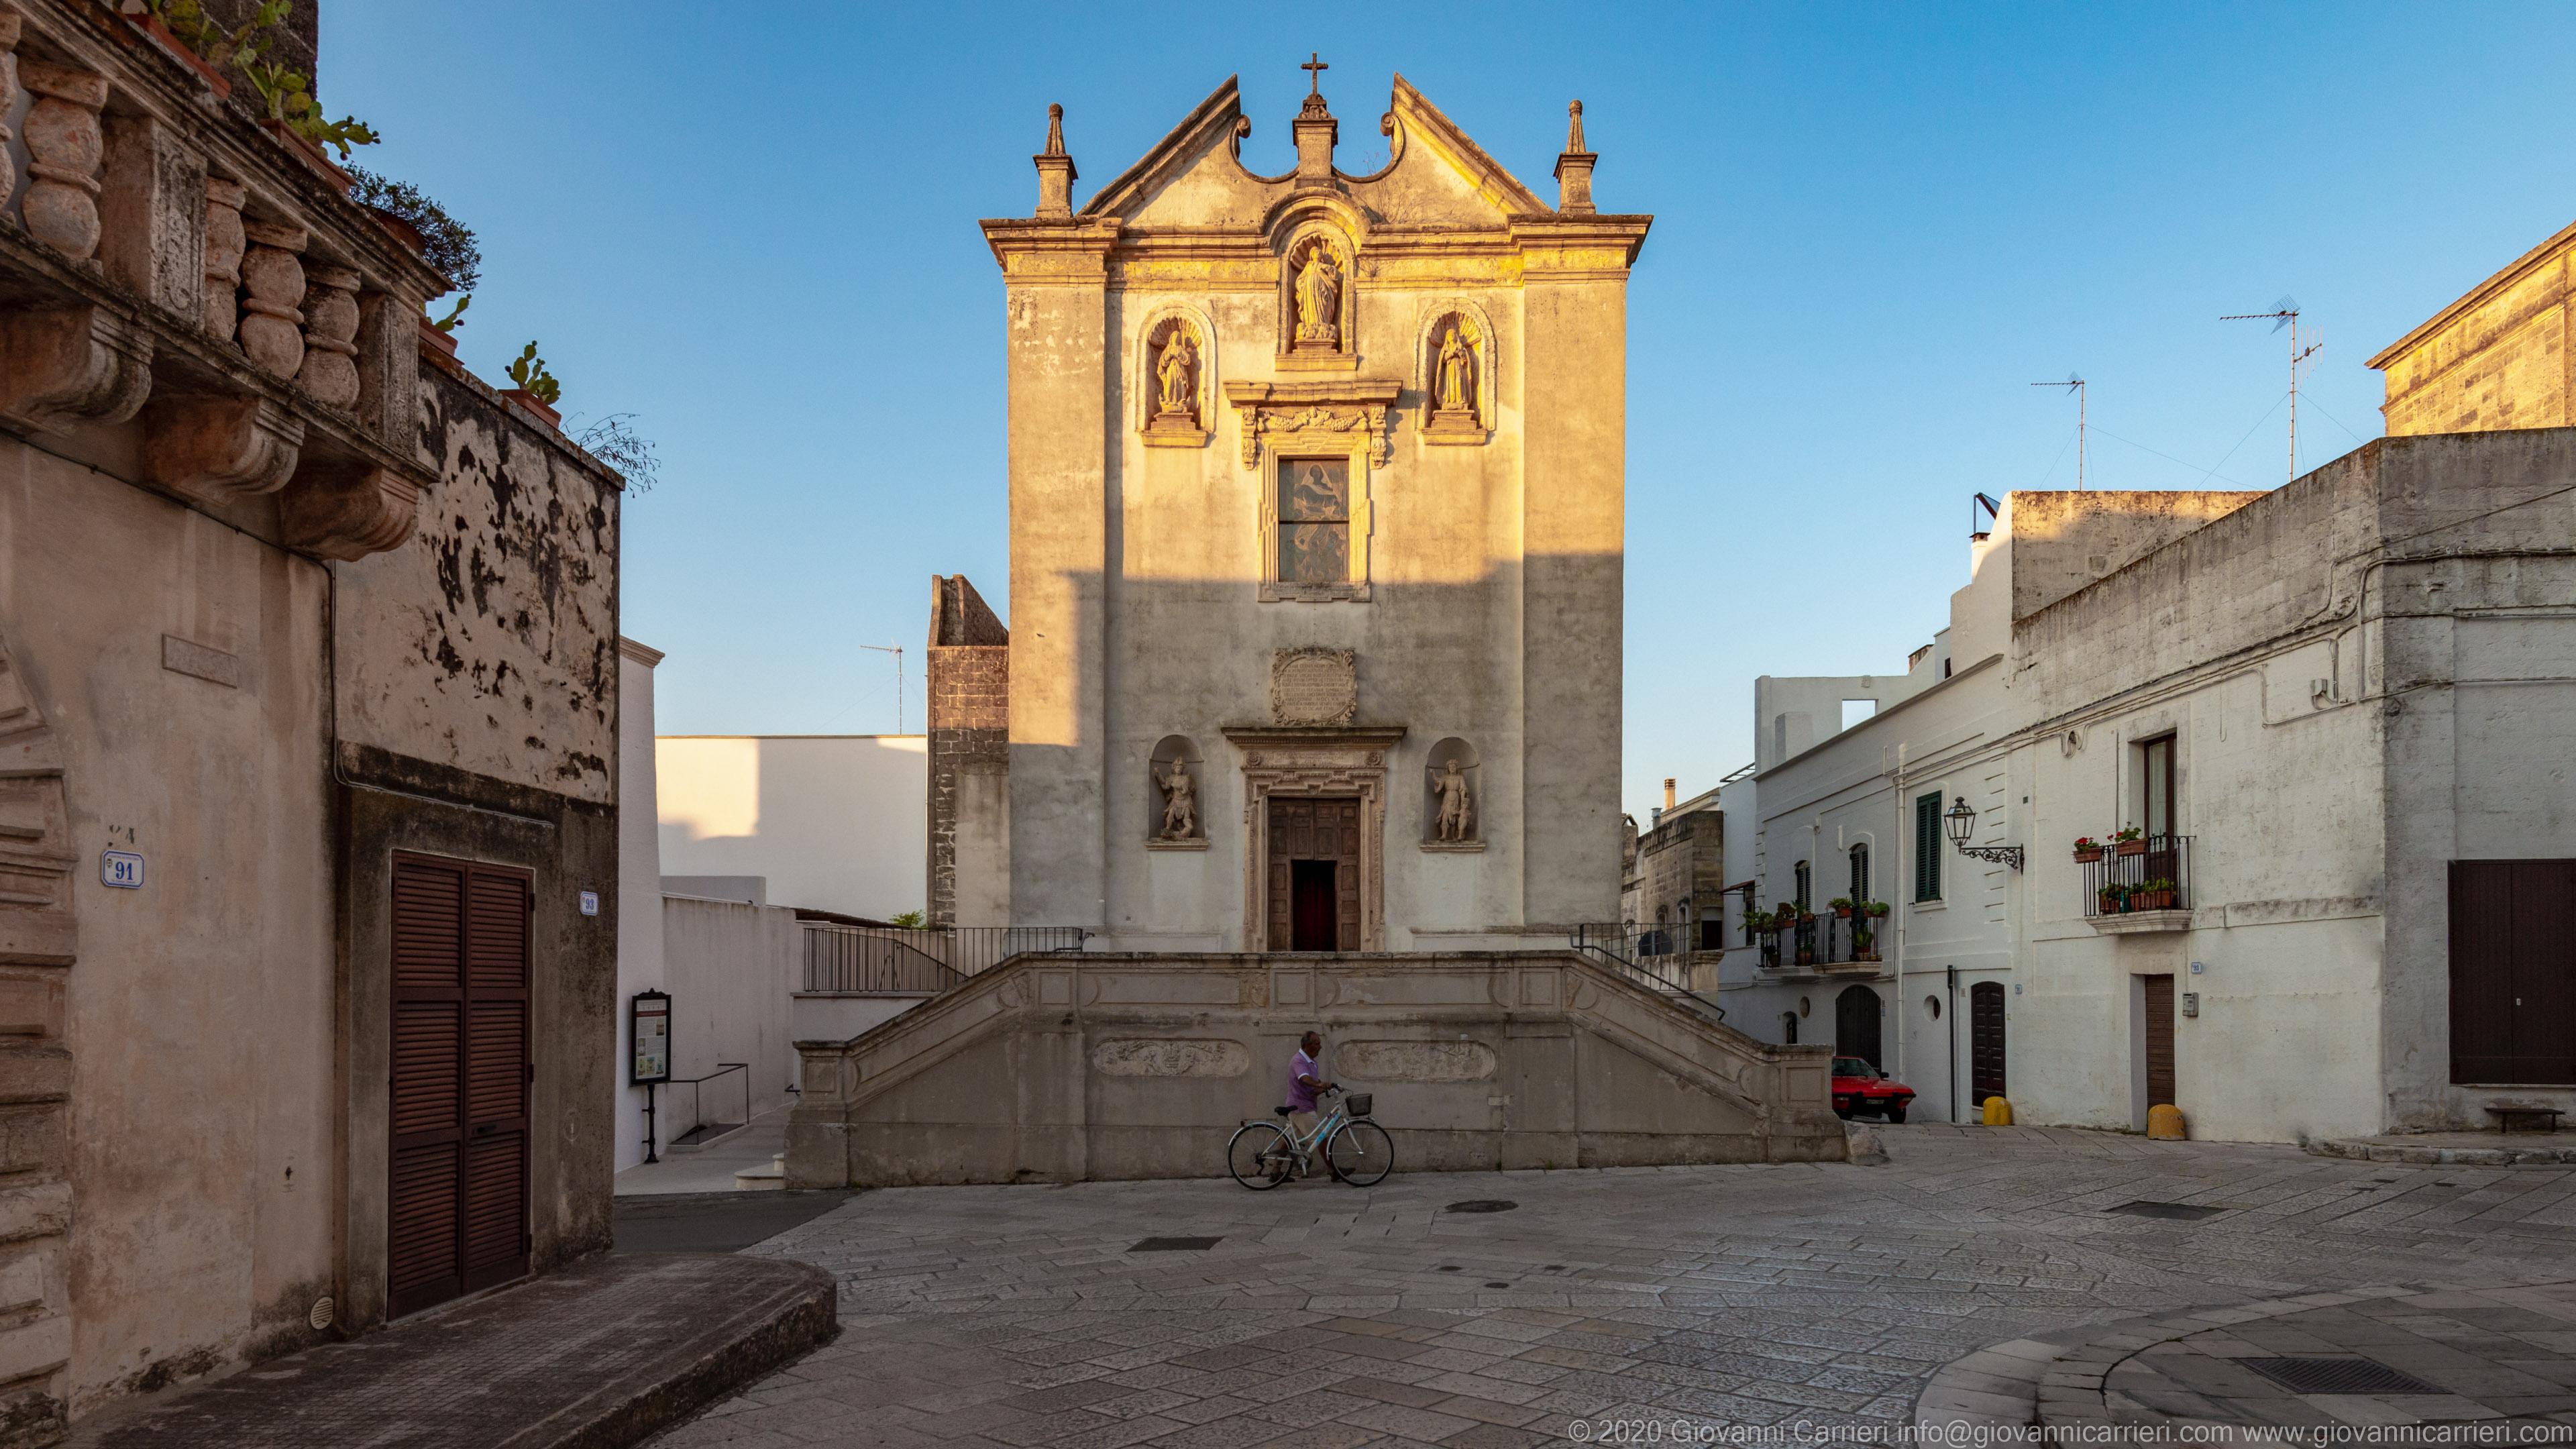 Madonna dell'Assunta Church In the historical centre of Specchia, there is the Church Madonna dell'Assunta, built in the seventeenth century and located near the ancient Porta del Foggiaro or Porta Lecce.